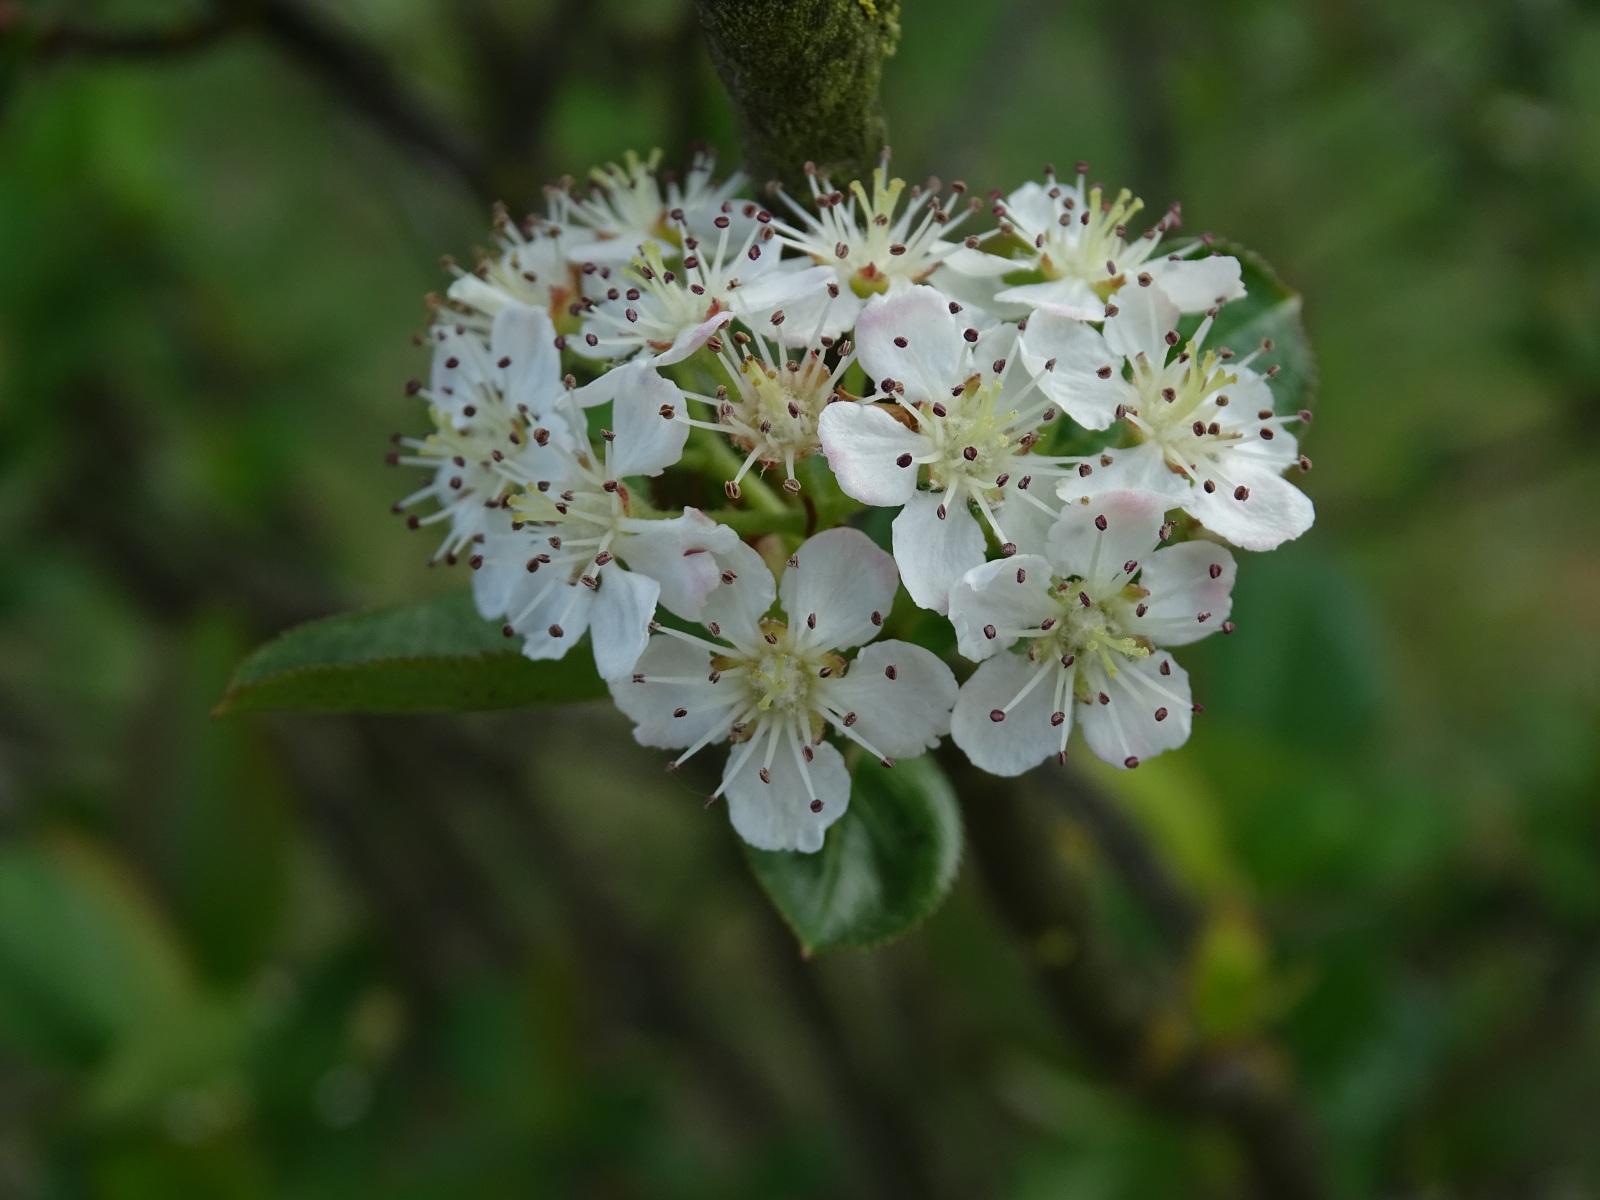 Aronia czarna, kwiaty, 21.05.2020 r.